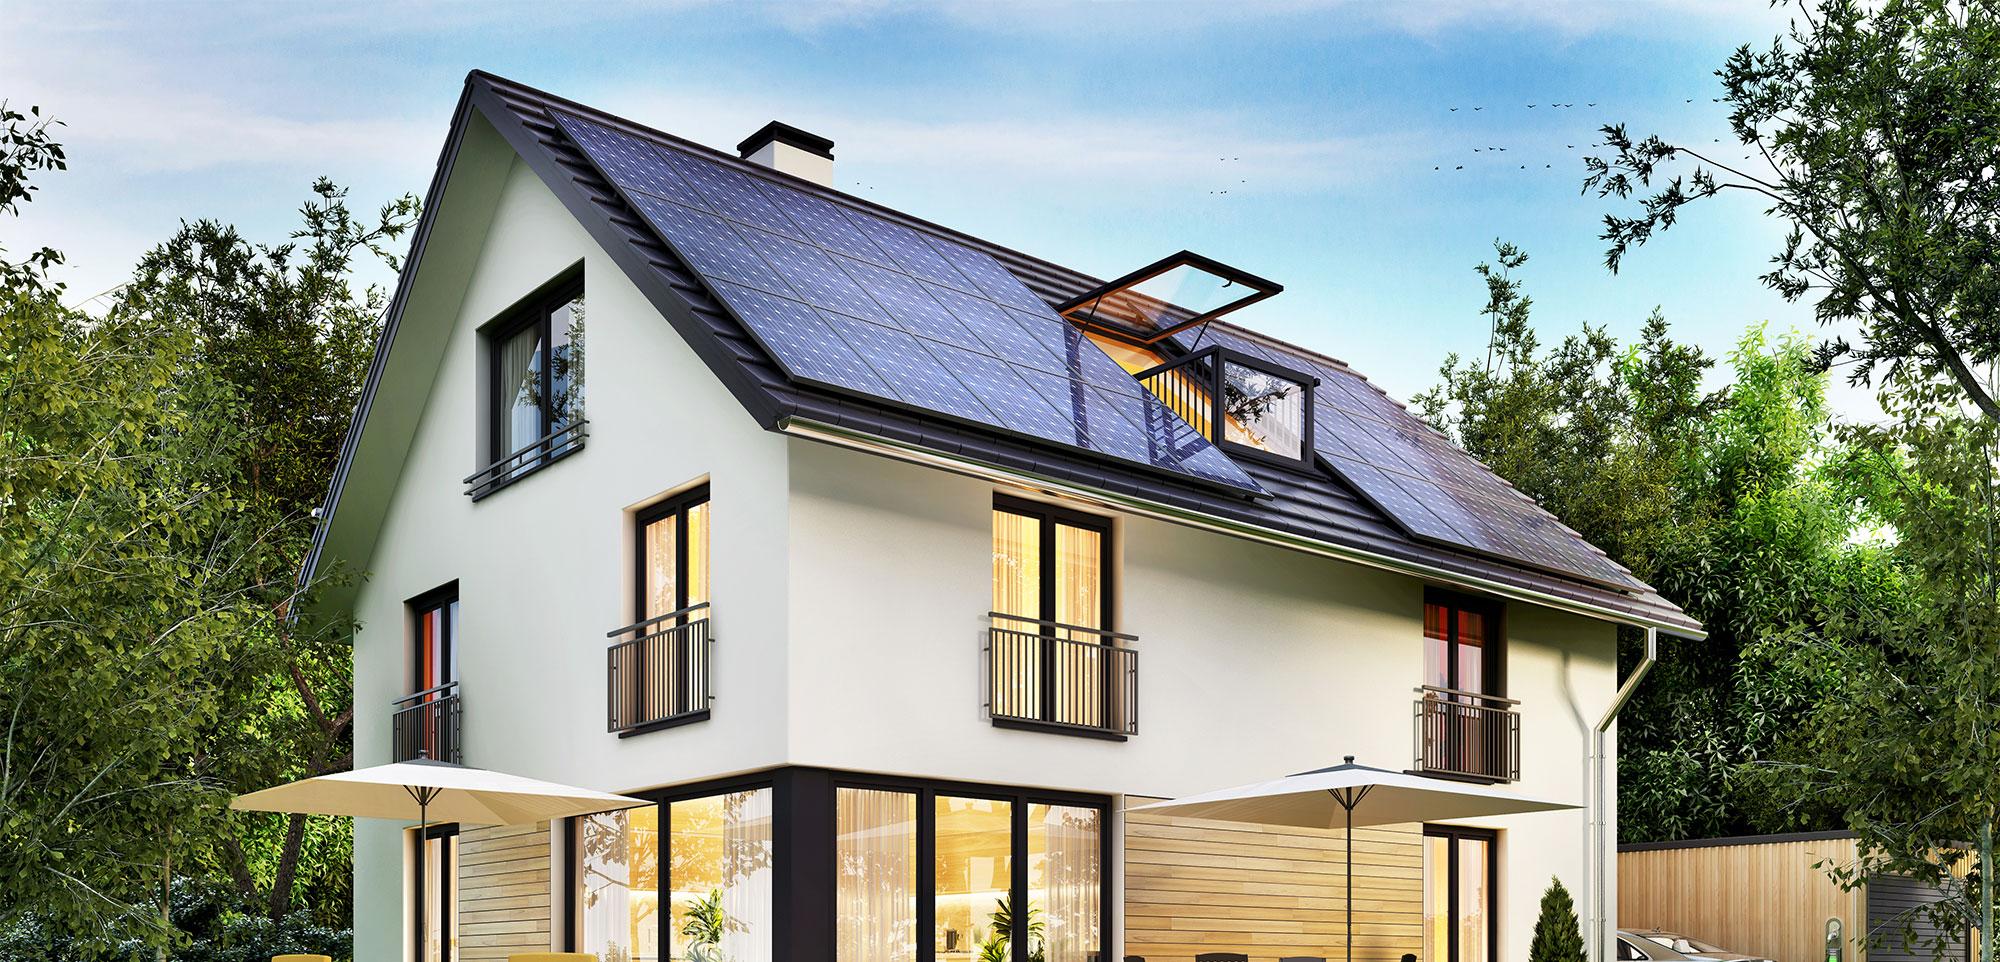 Svesol är proffs på solceller och solfångare